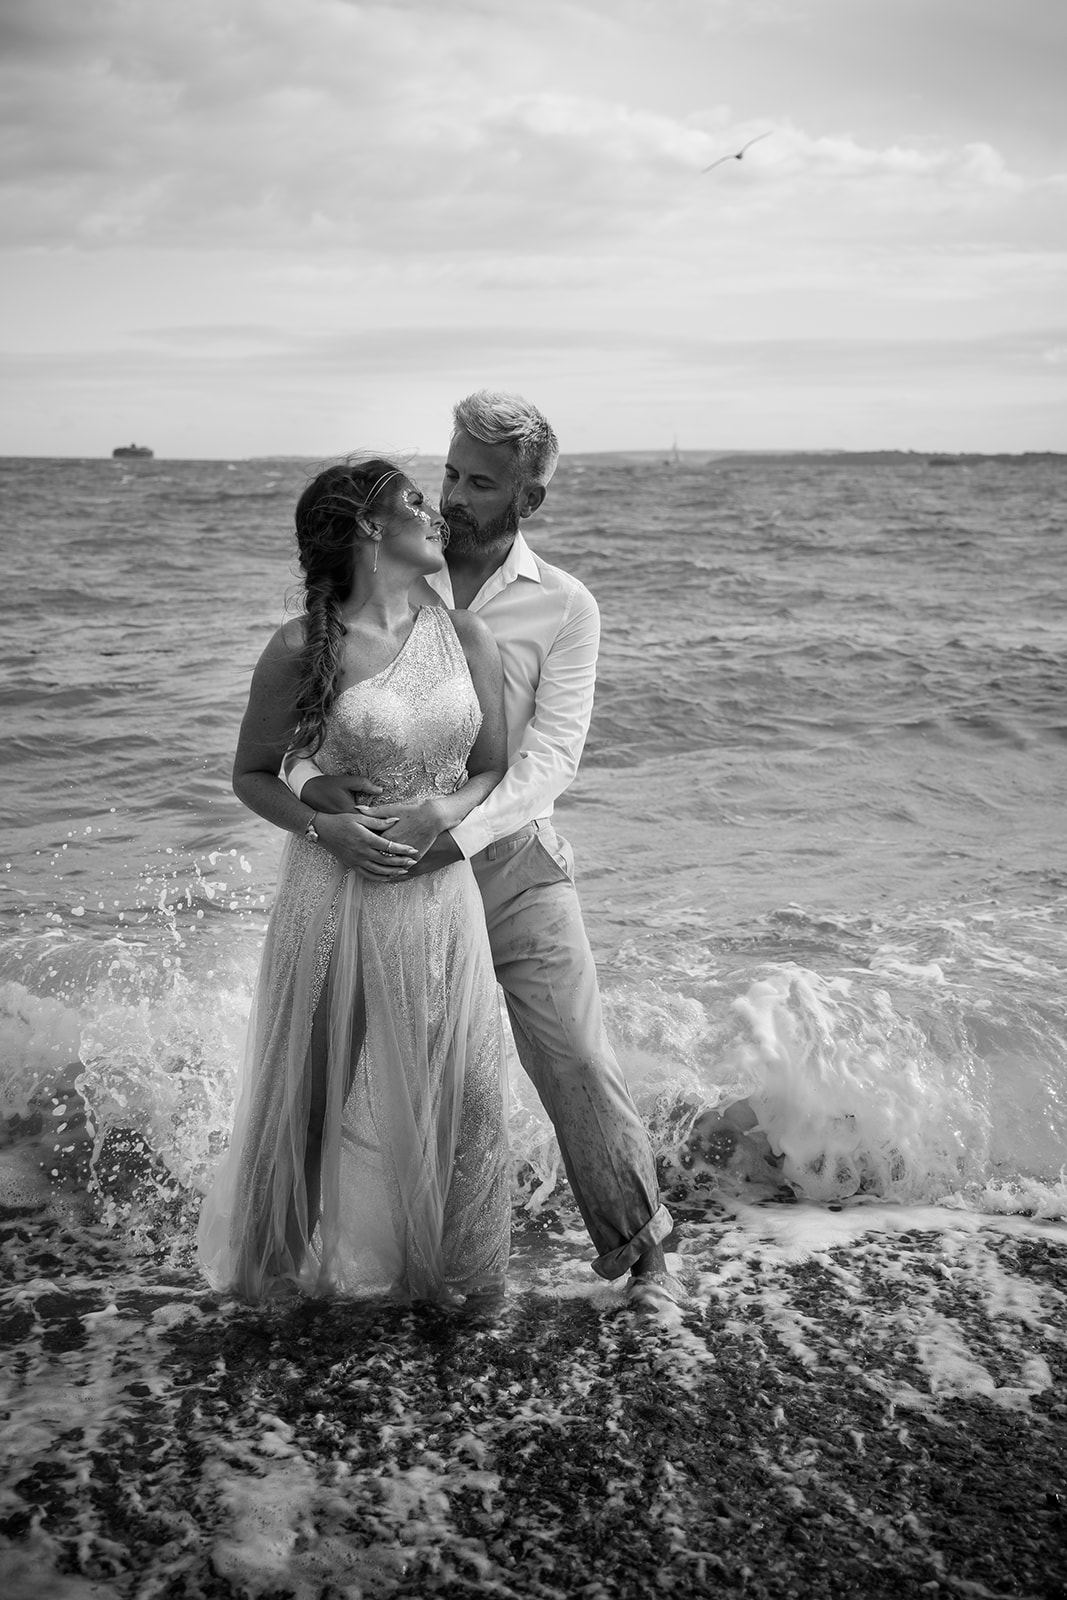 mermaid wedding - beach wedding - quirky wedding - unique wedding - alternative seaside wedding - alternative wedding - bride and groom at the beach